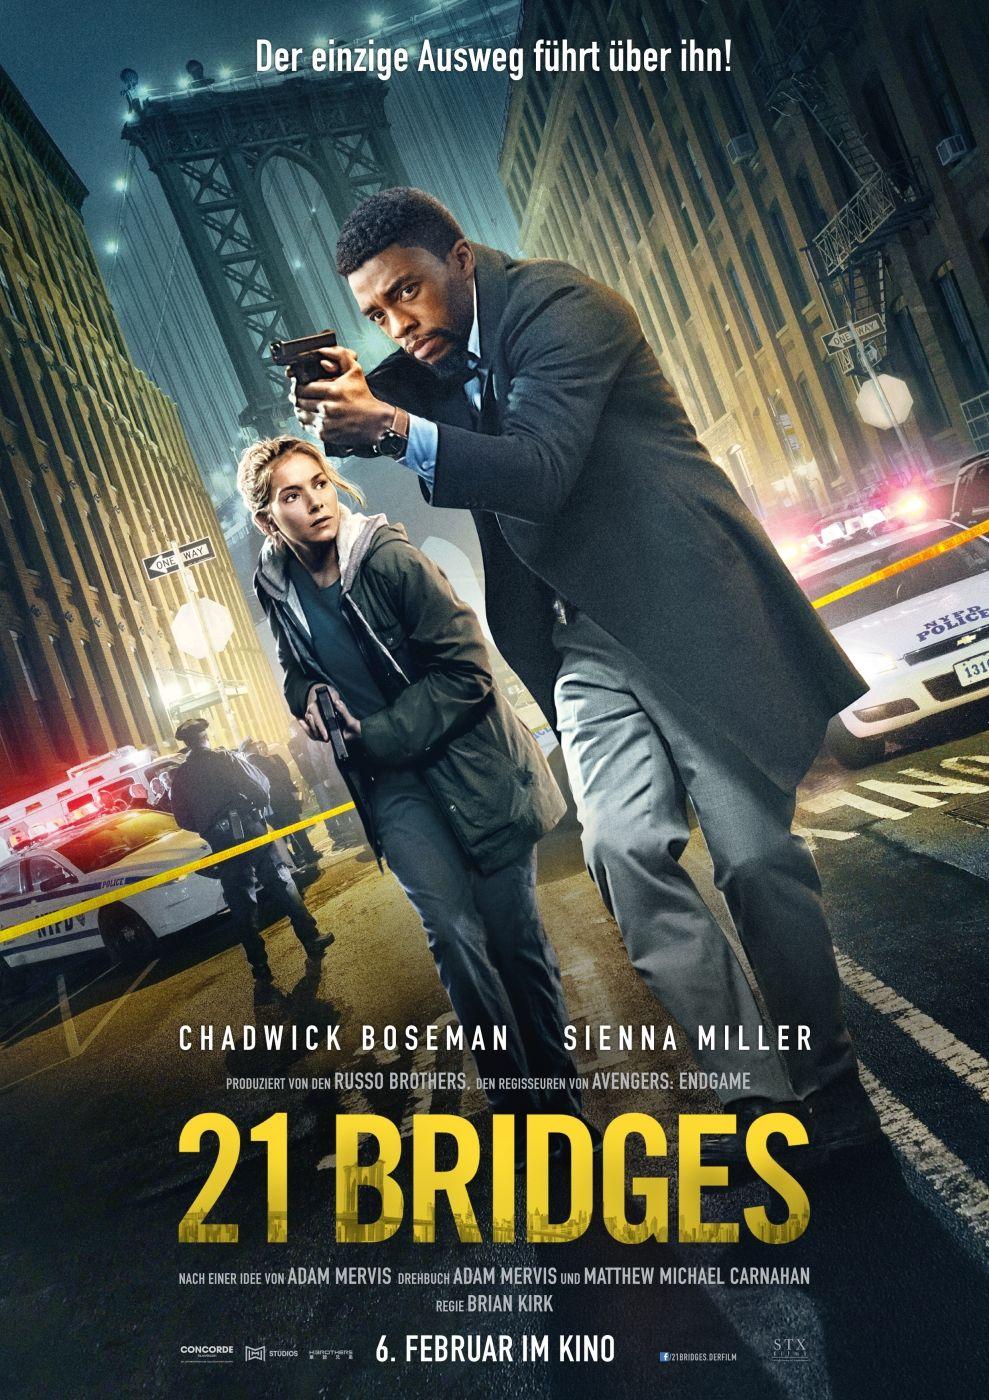 Chadwick Boseman begibt sich in 21 Bridges auf die Suche